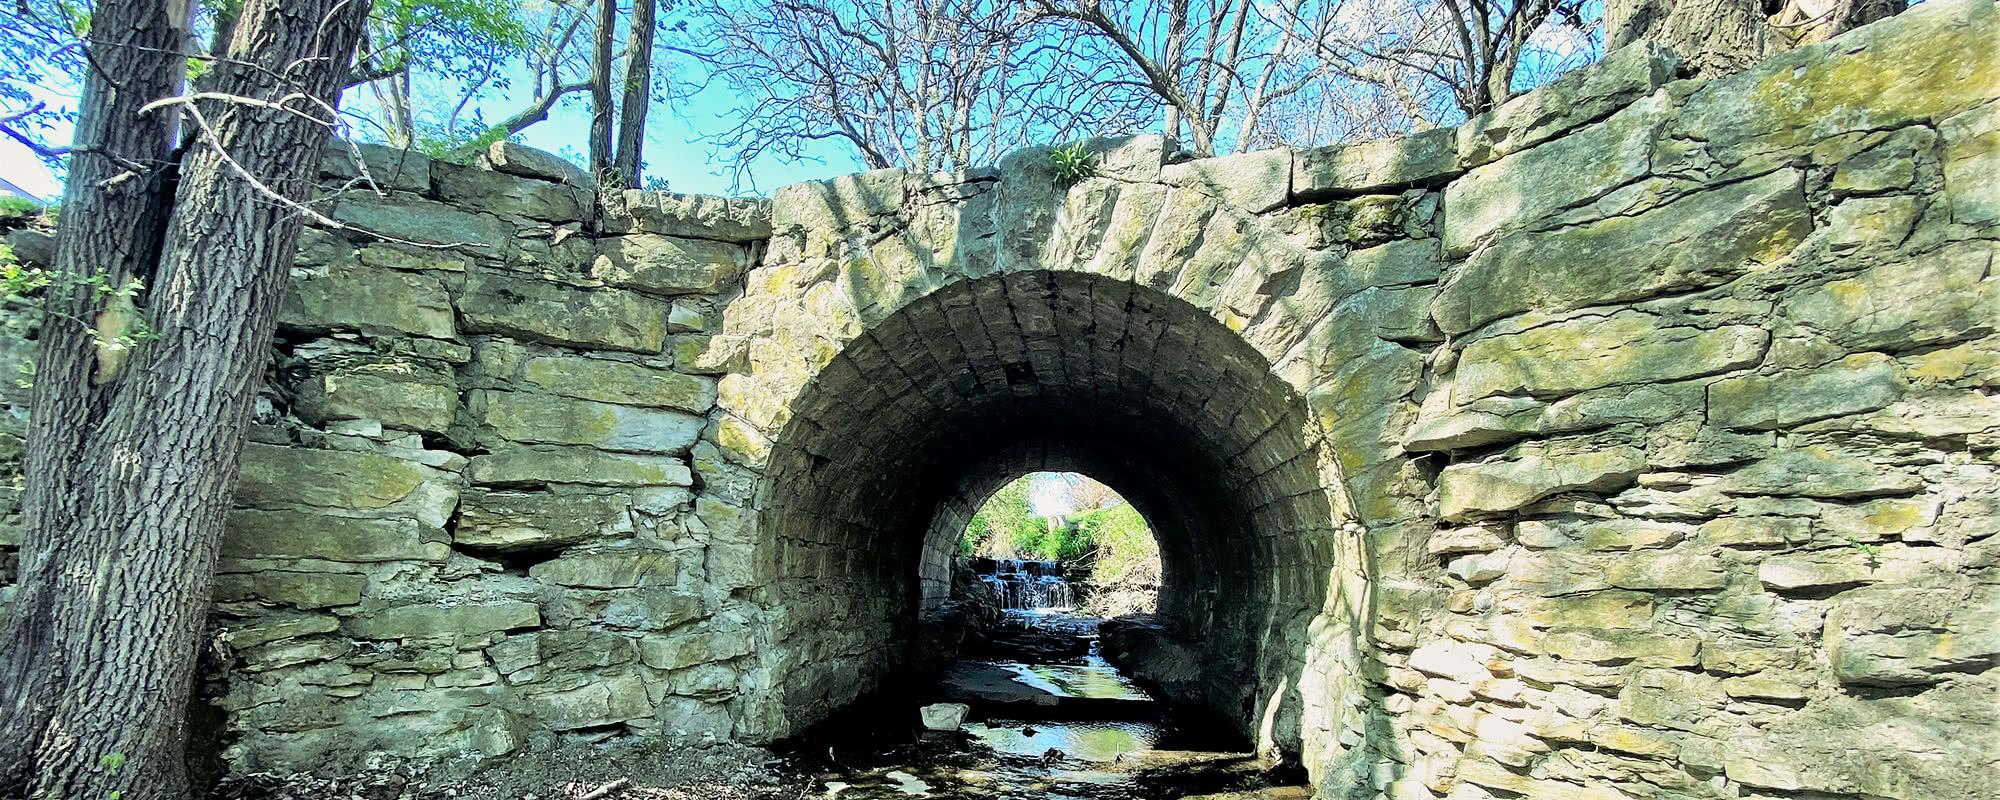 Stone Arch Bridge in Nauvoo IL